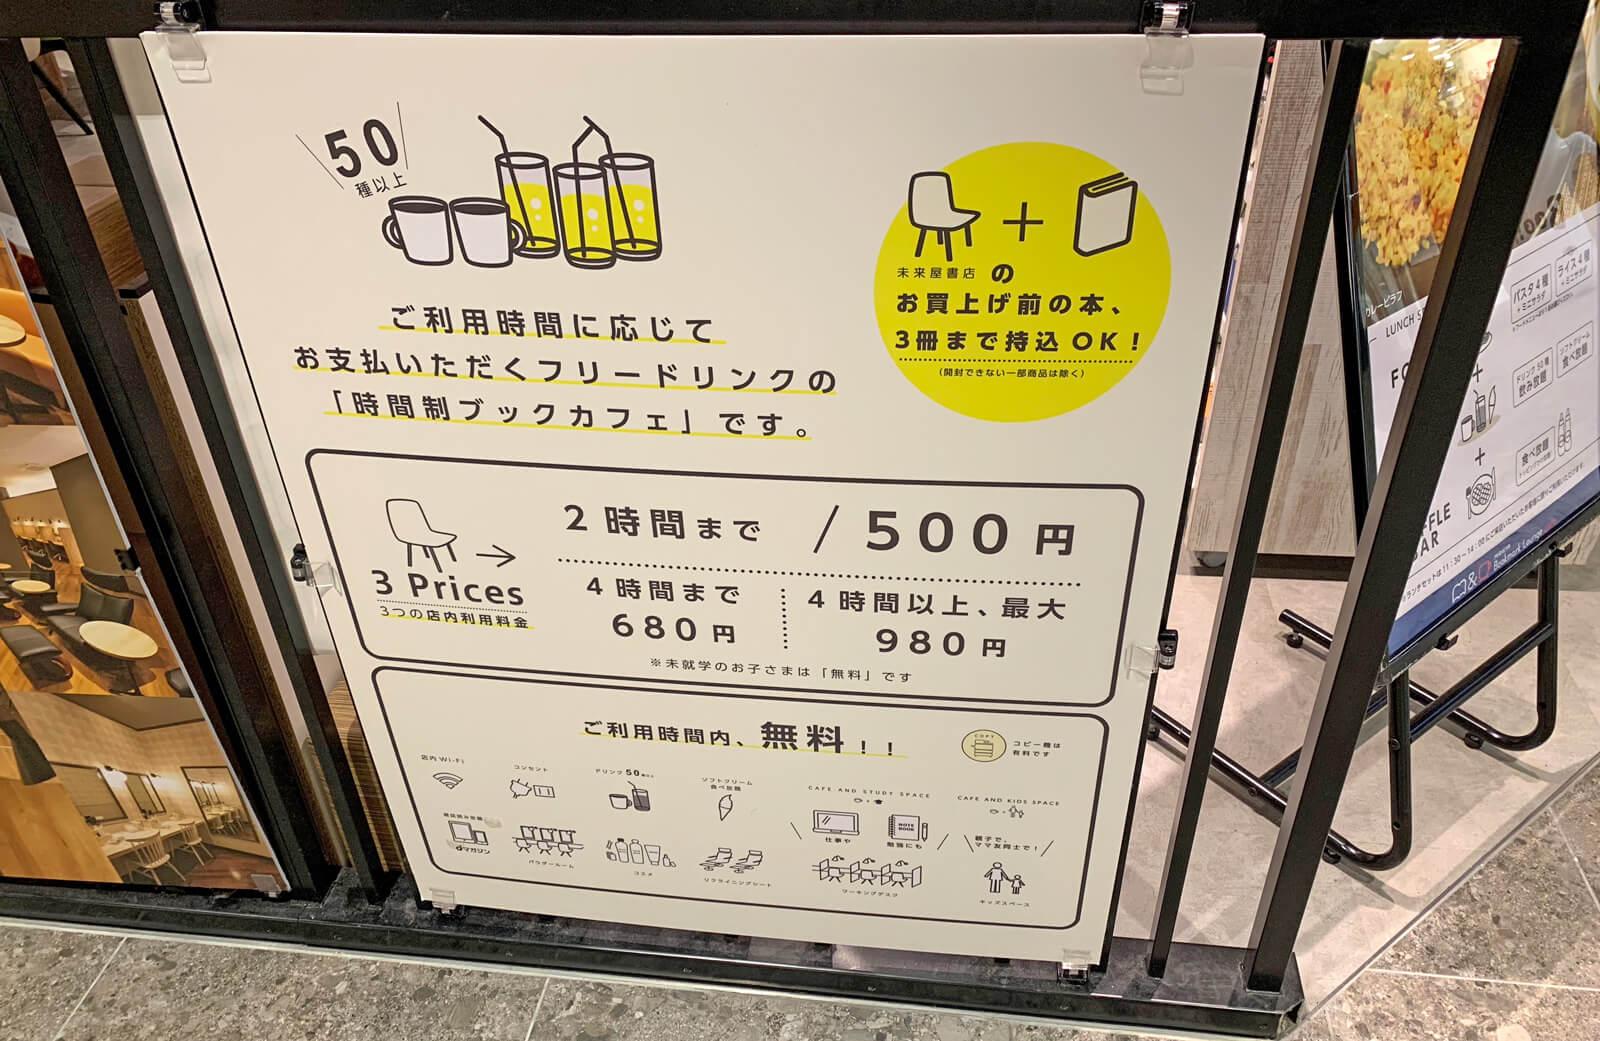 利用時間に合わせた料金形態。1日いても1000円なのは魅力的